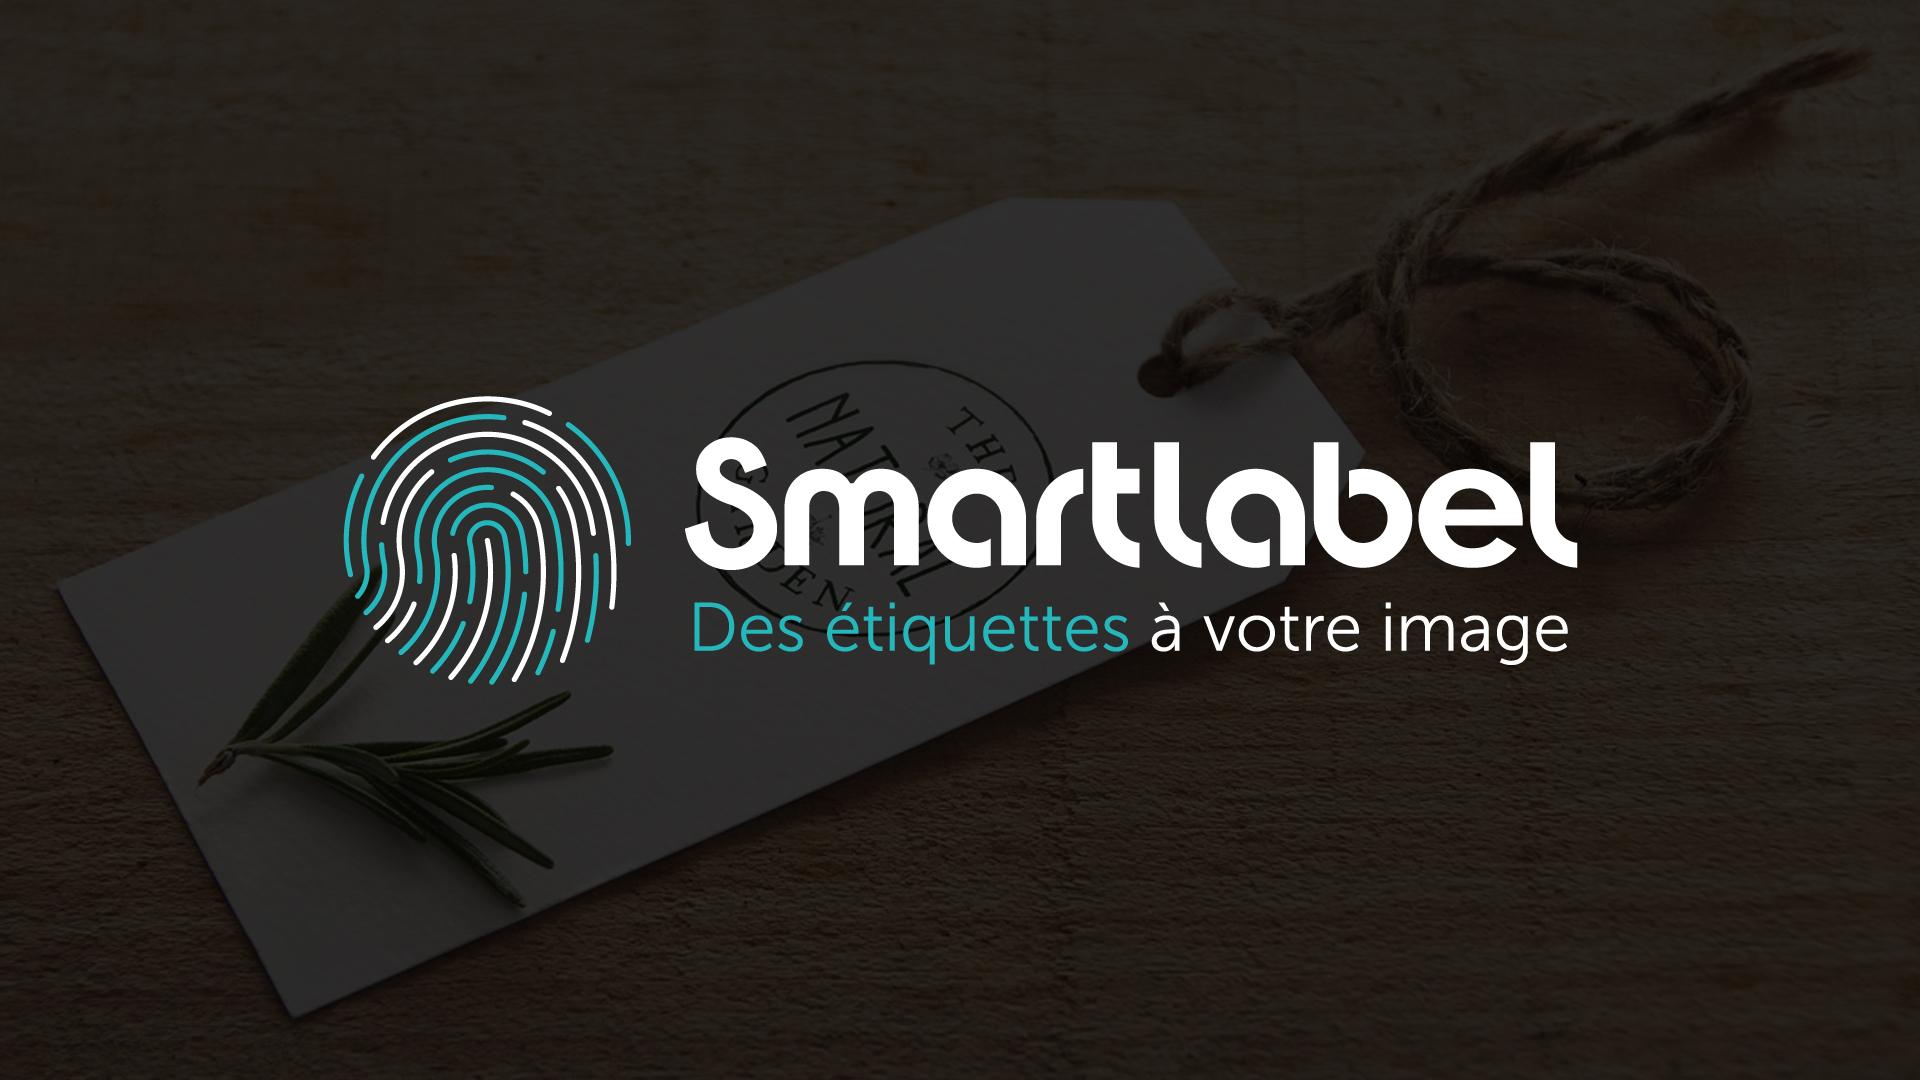 smartlabel-creation-logo-identite-visuelle-charte-graphique-caconcept-alexis-cretin-graphiste-montpellier-1